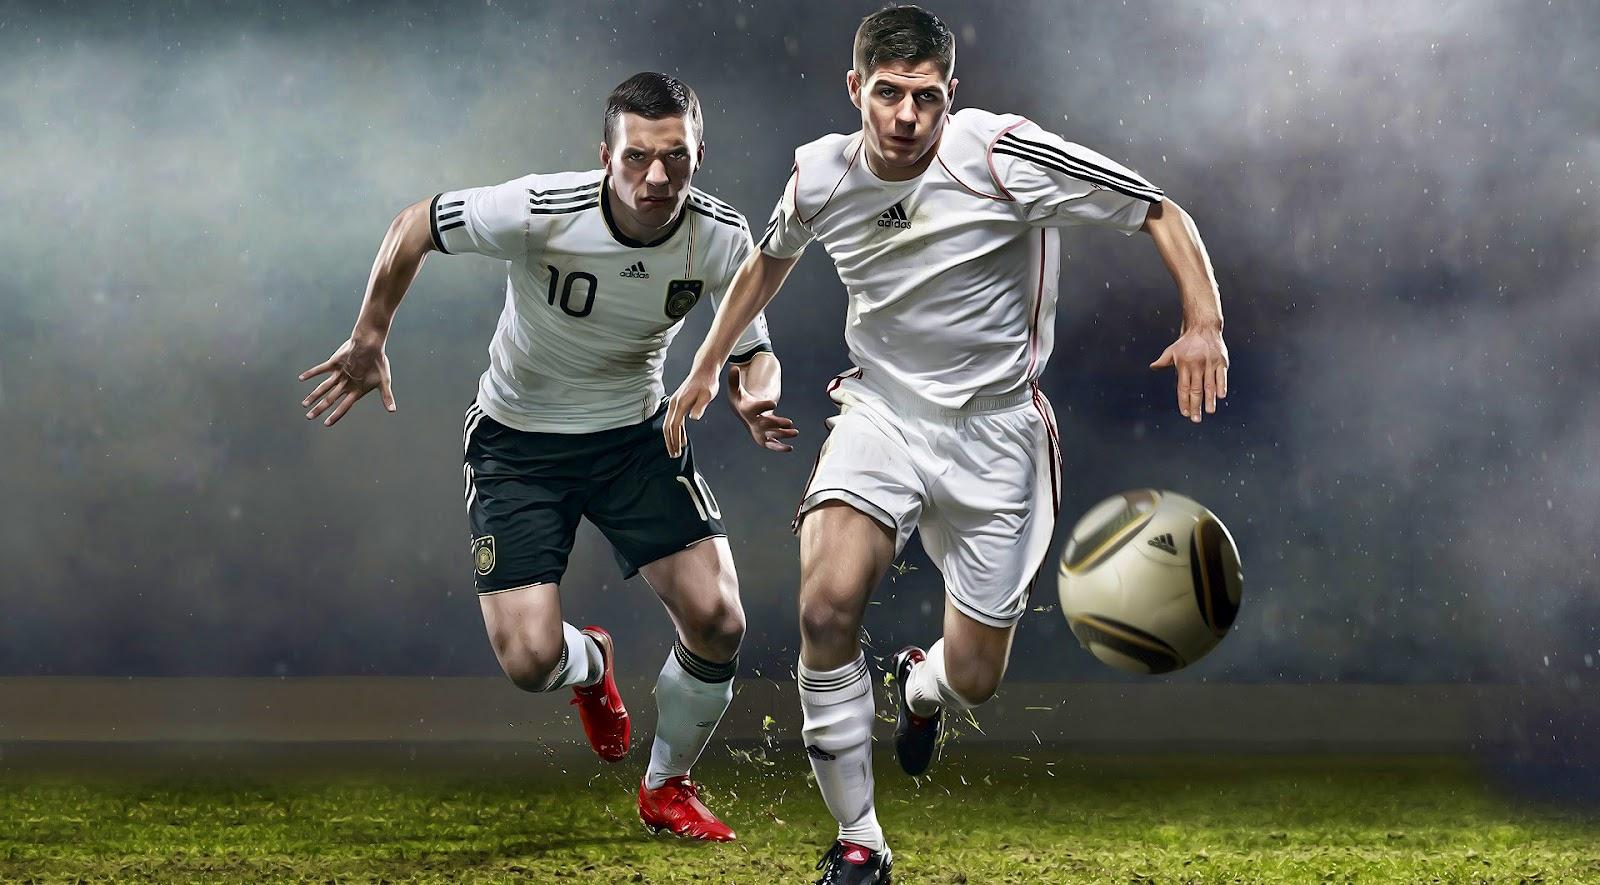 Soccer Players Wallpapers - WallpaperSafari